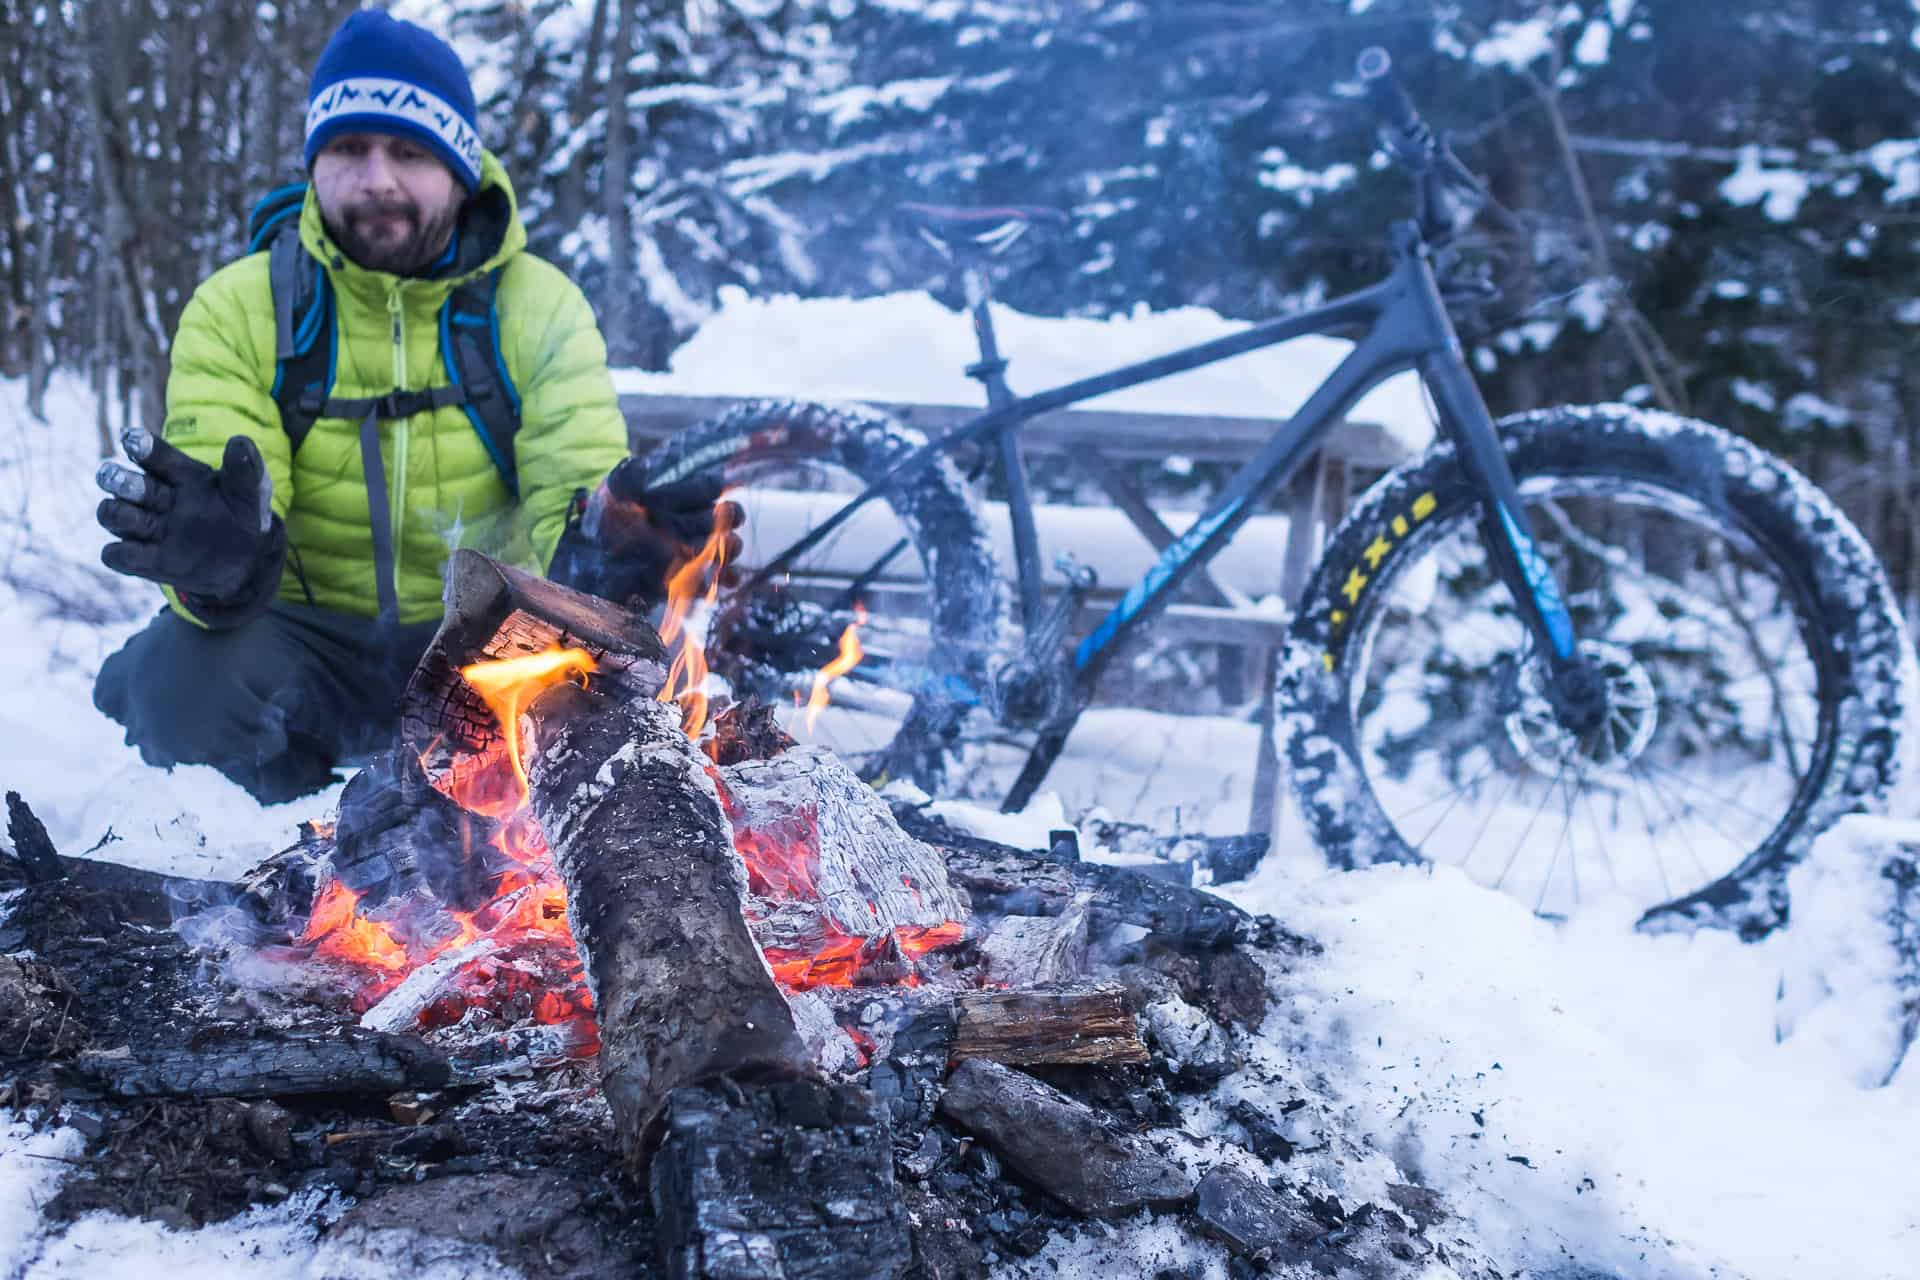 Un homme se réchauffe les mains auprès d'un feu de camp après une sortie d'hiver en fatbike